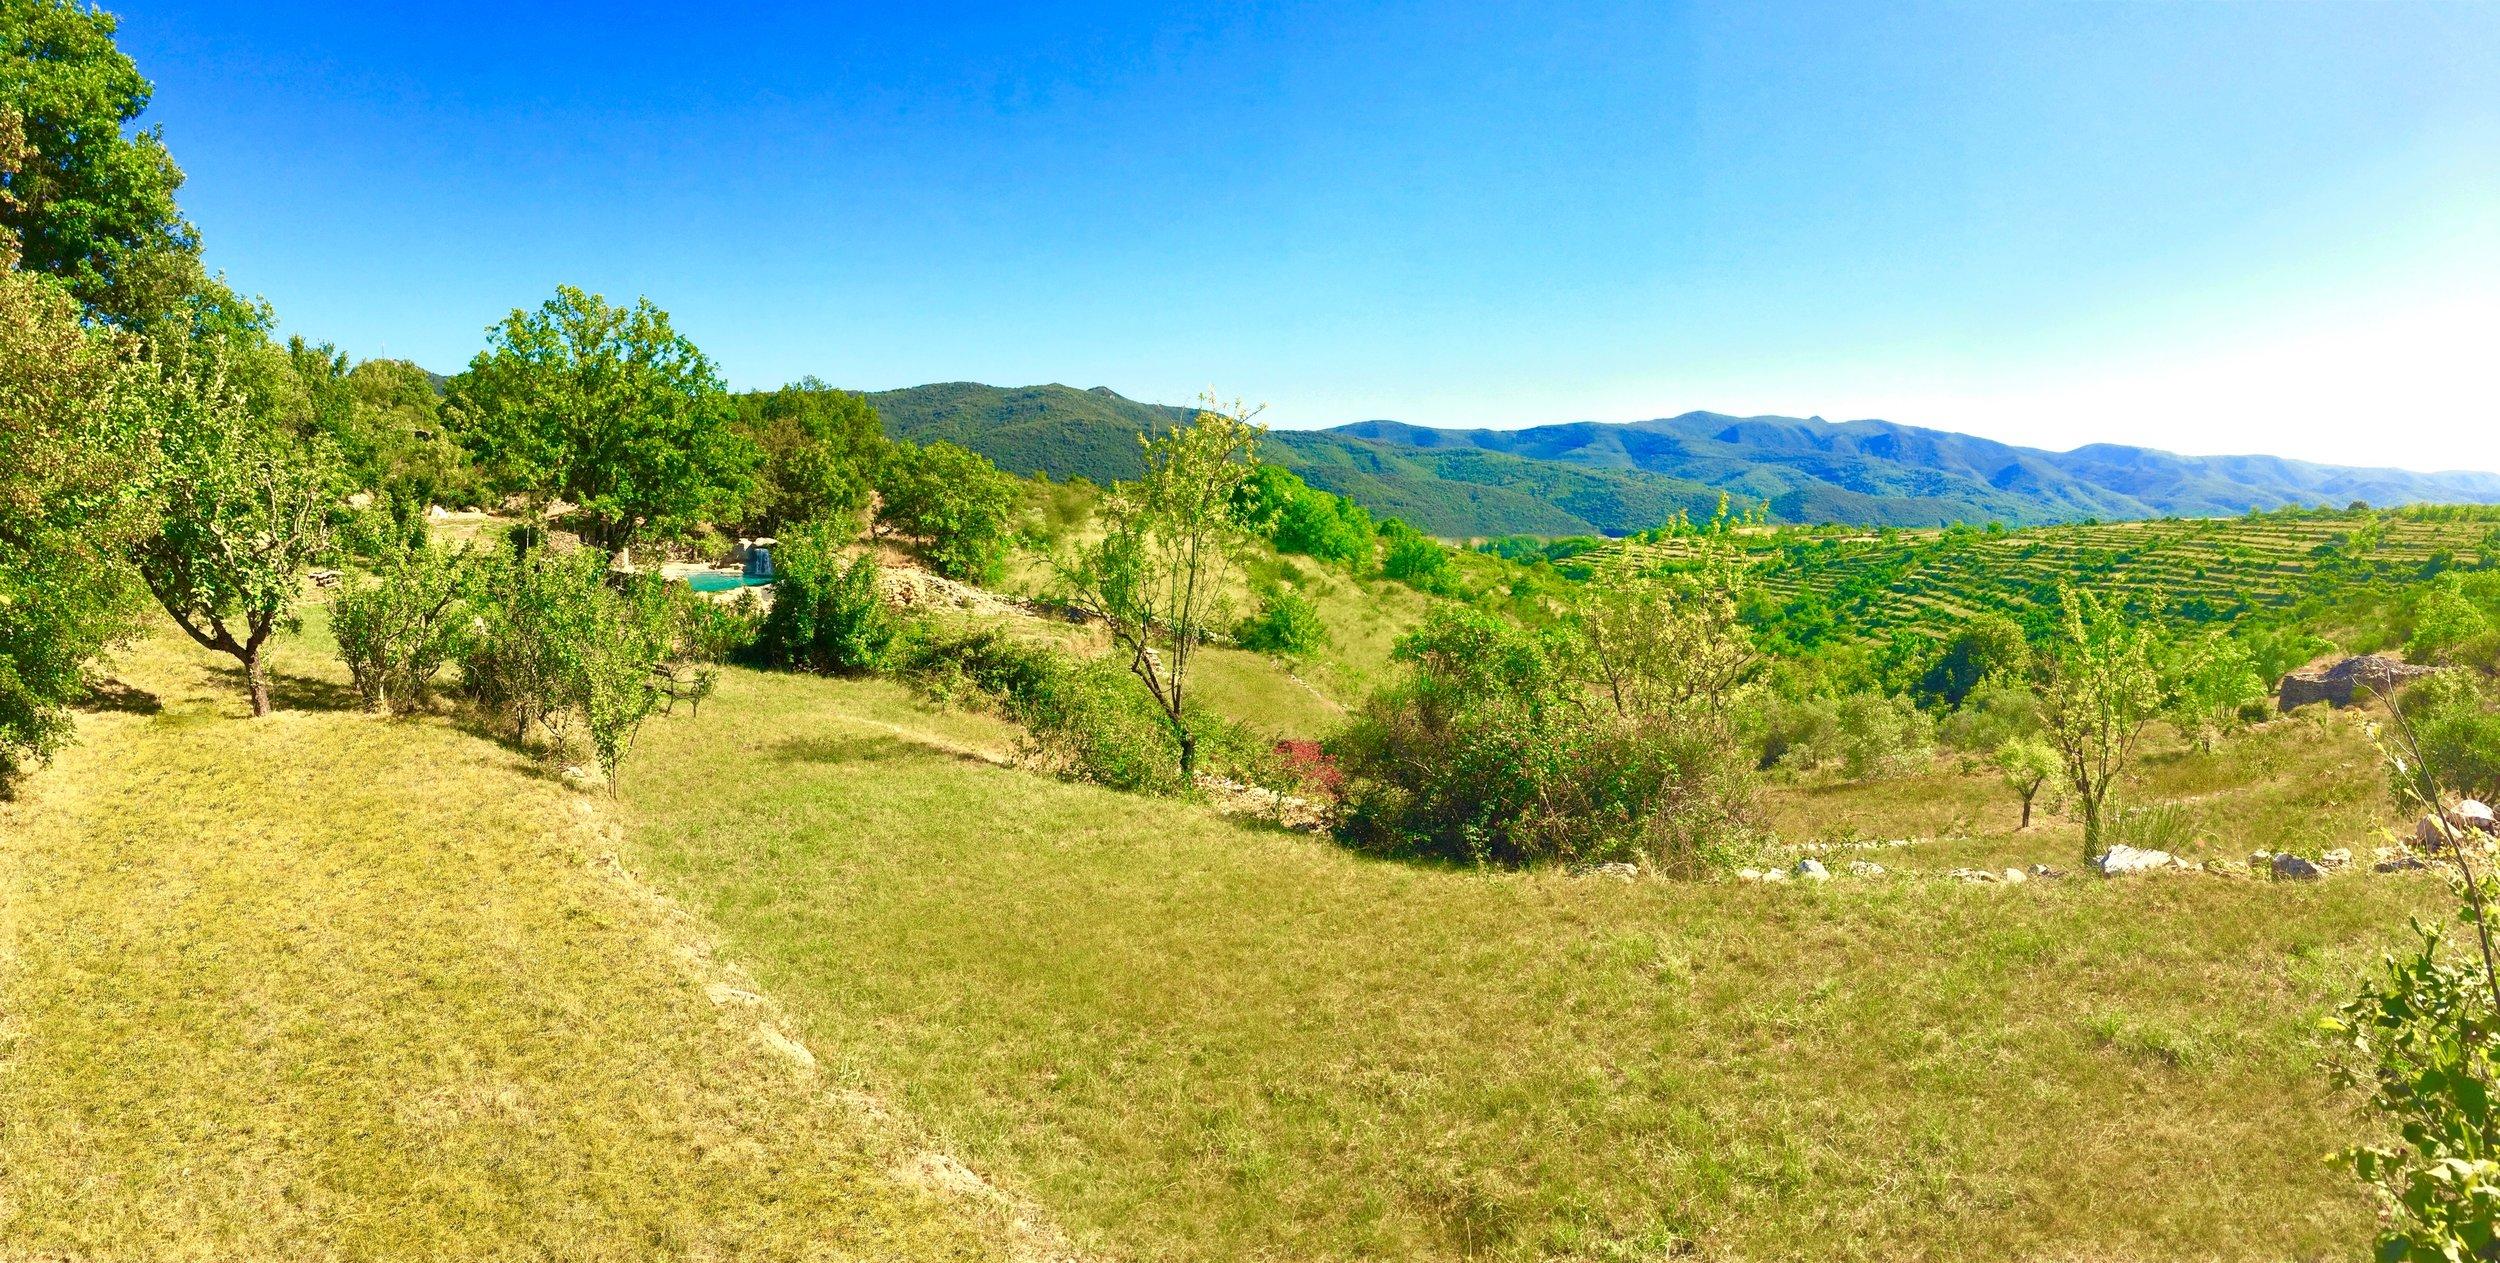 Privat bjergidyl i Sydfrankrig